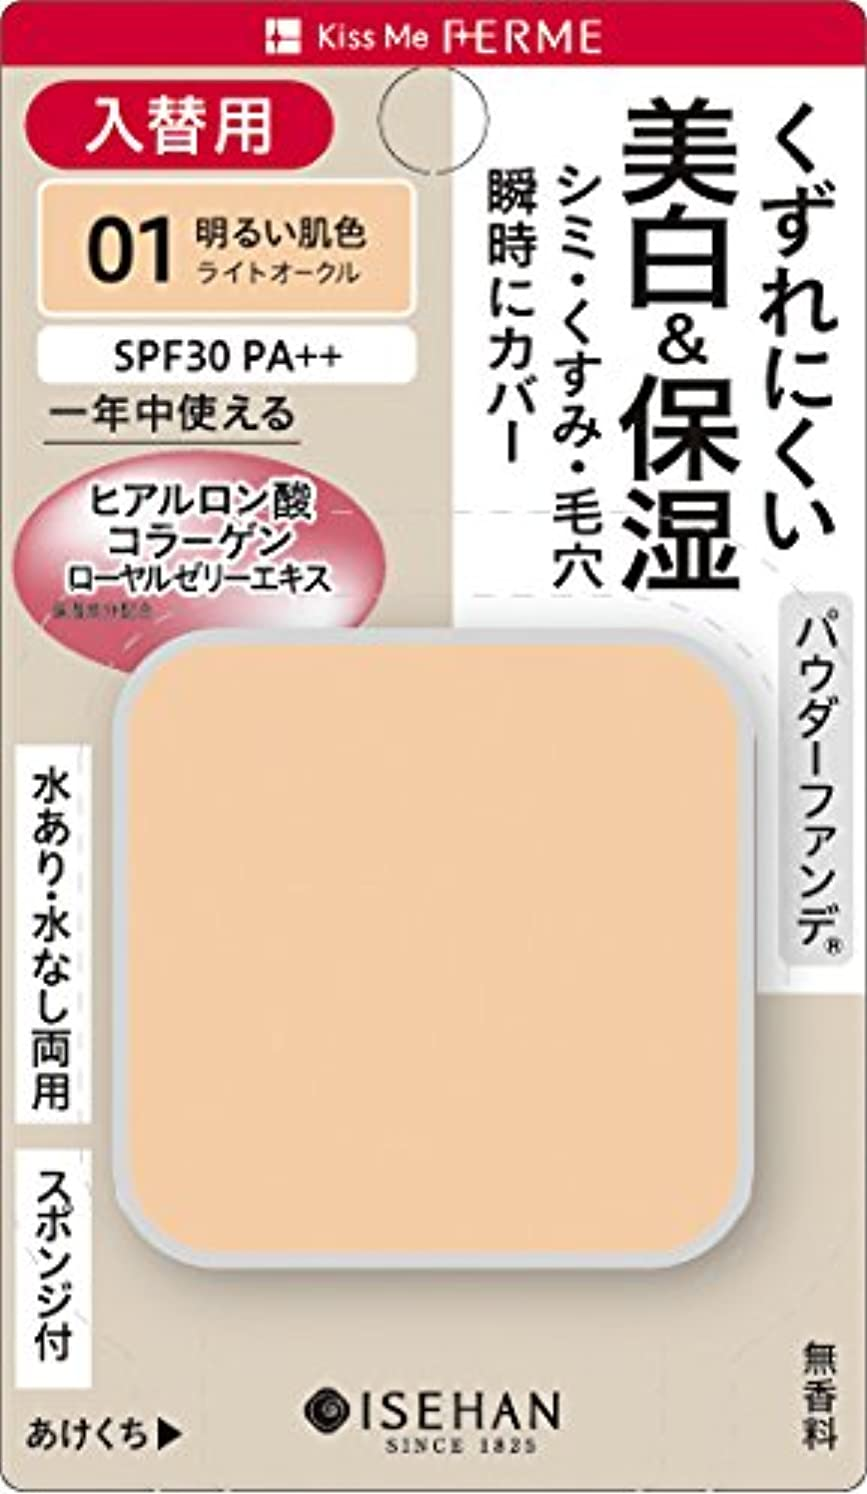 その結果高層ビル列車フェルム 明るさキープ パウダーファンデ(入替用)01 明るい肌色 11g